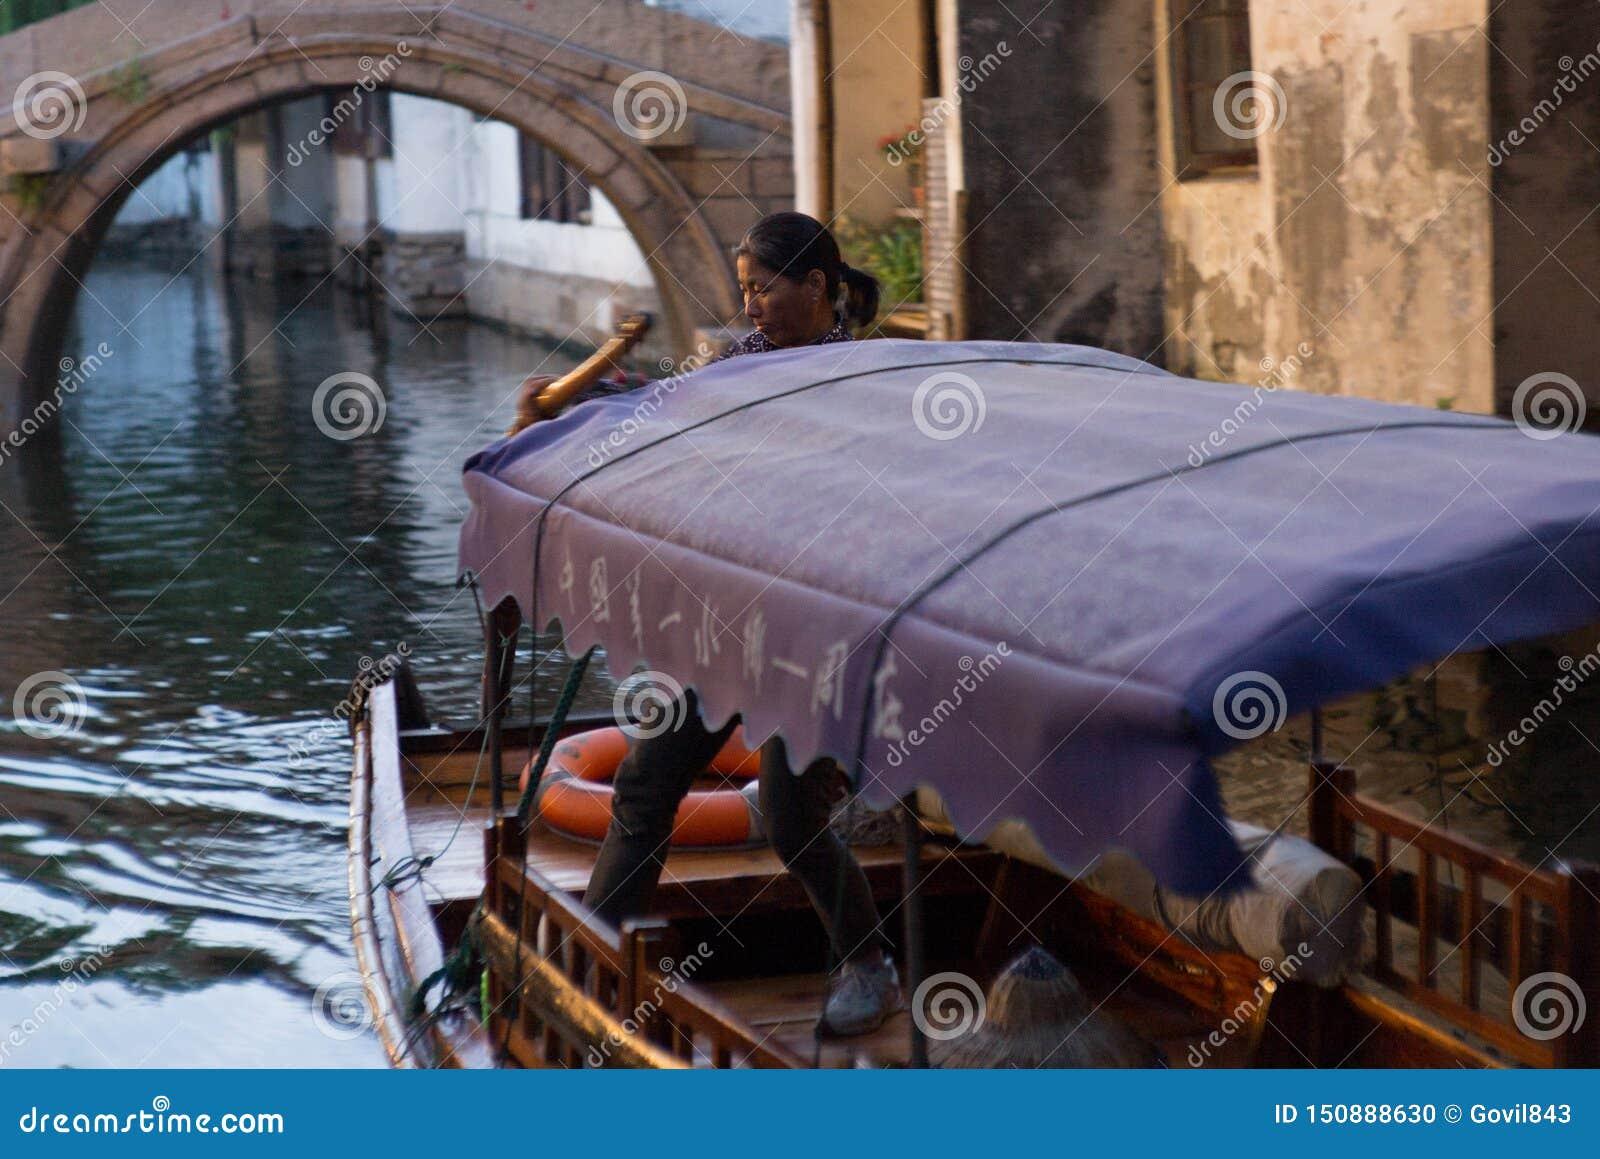 周庄,中国:穿过运河的小船